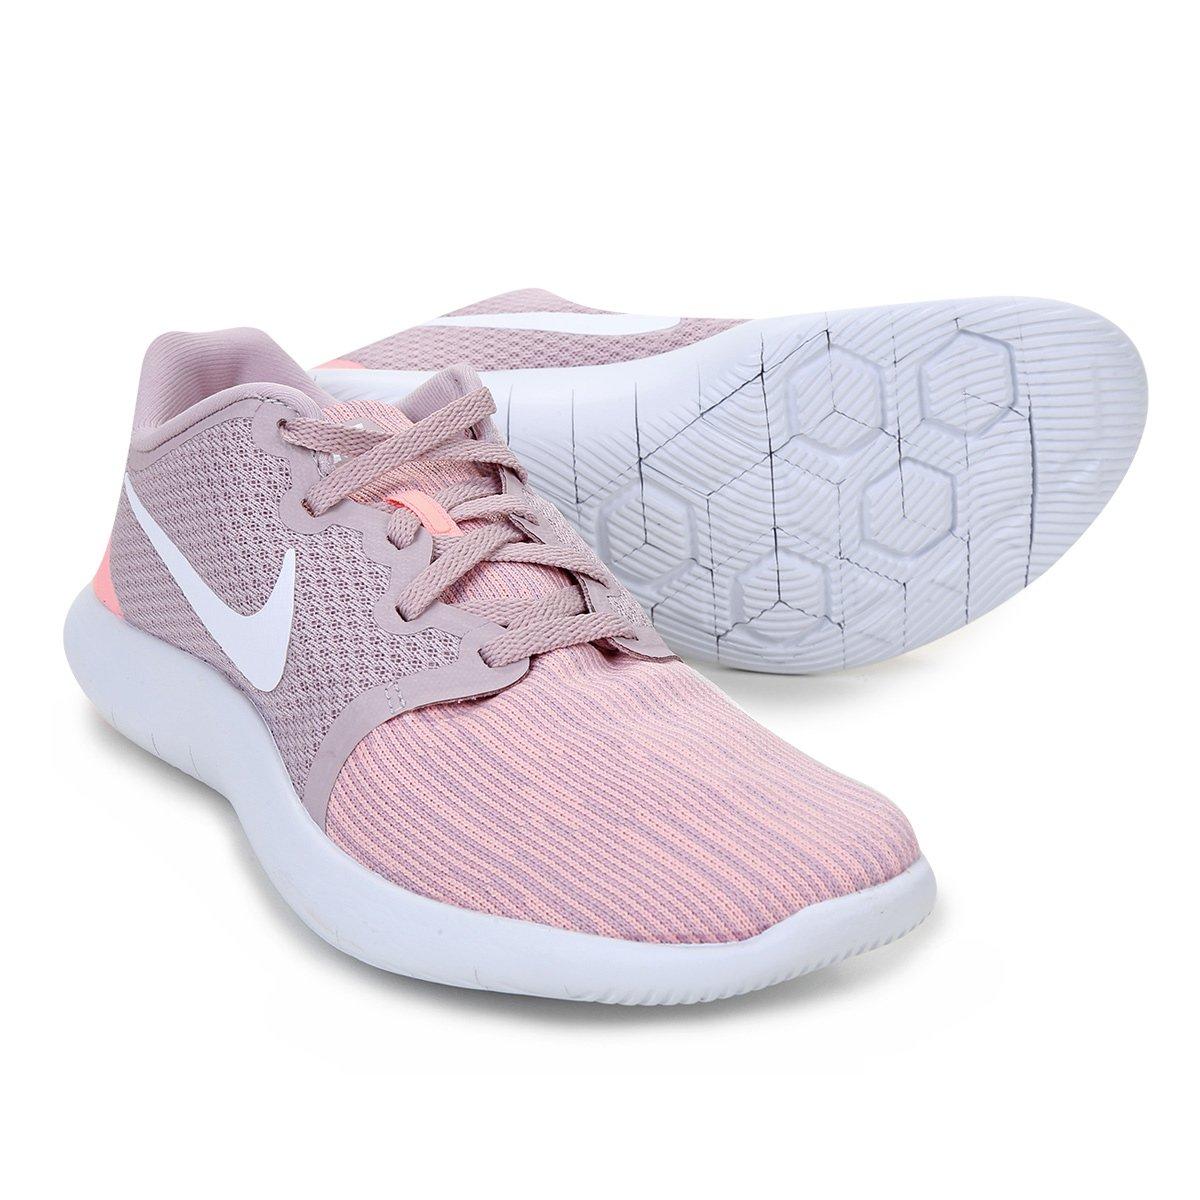 2df637b2036 Tênis Nike Flex Contact 2 Feminino - Rosa - Compre Agora